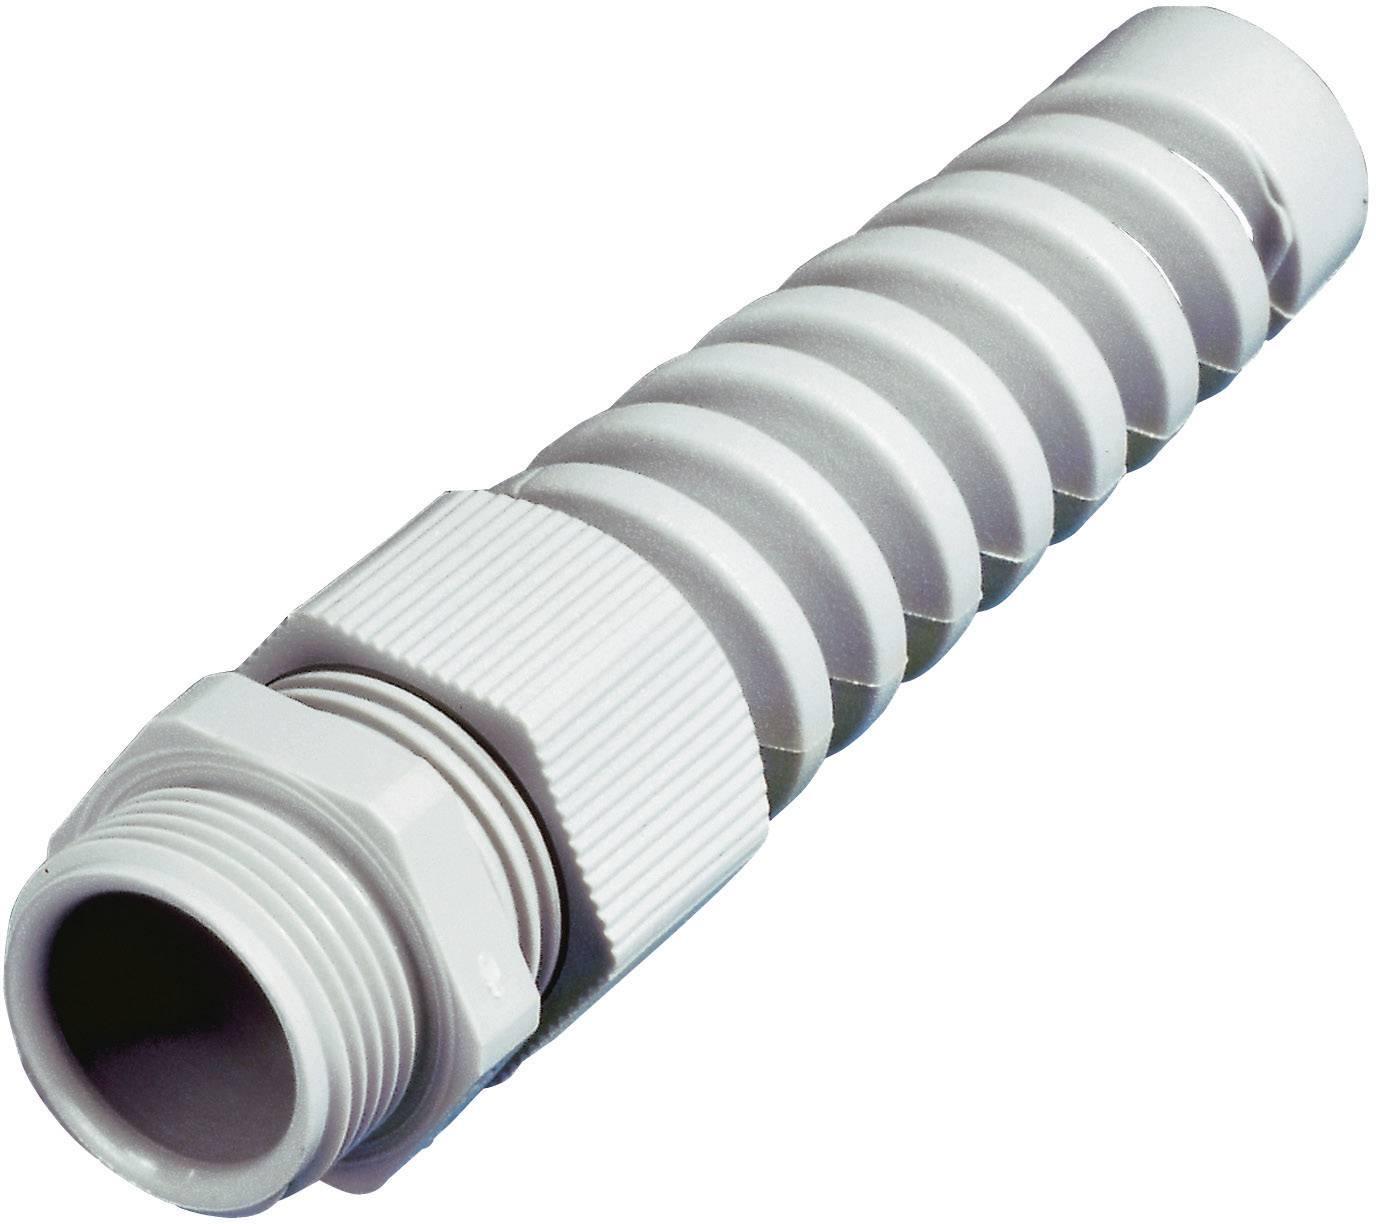 Káblová priechodka Wiska ESKVS M12 RAL 7035, polyamid, svetlo sivá, 1 ks